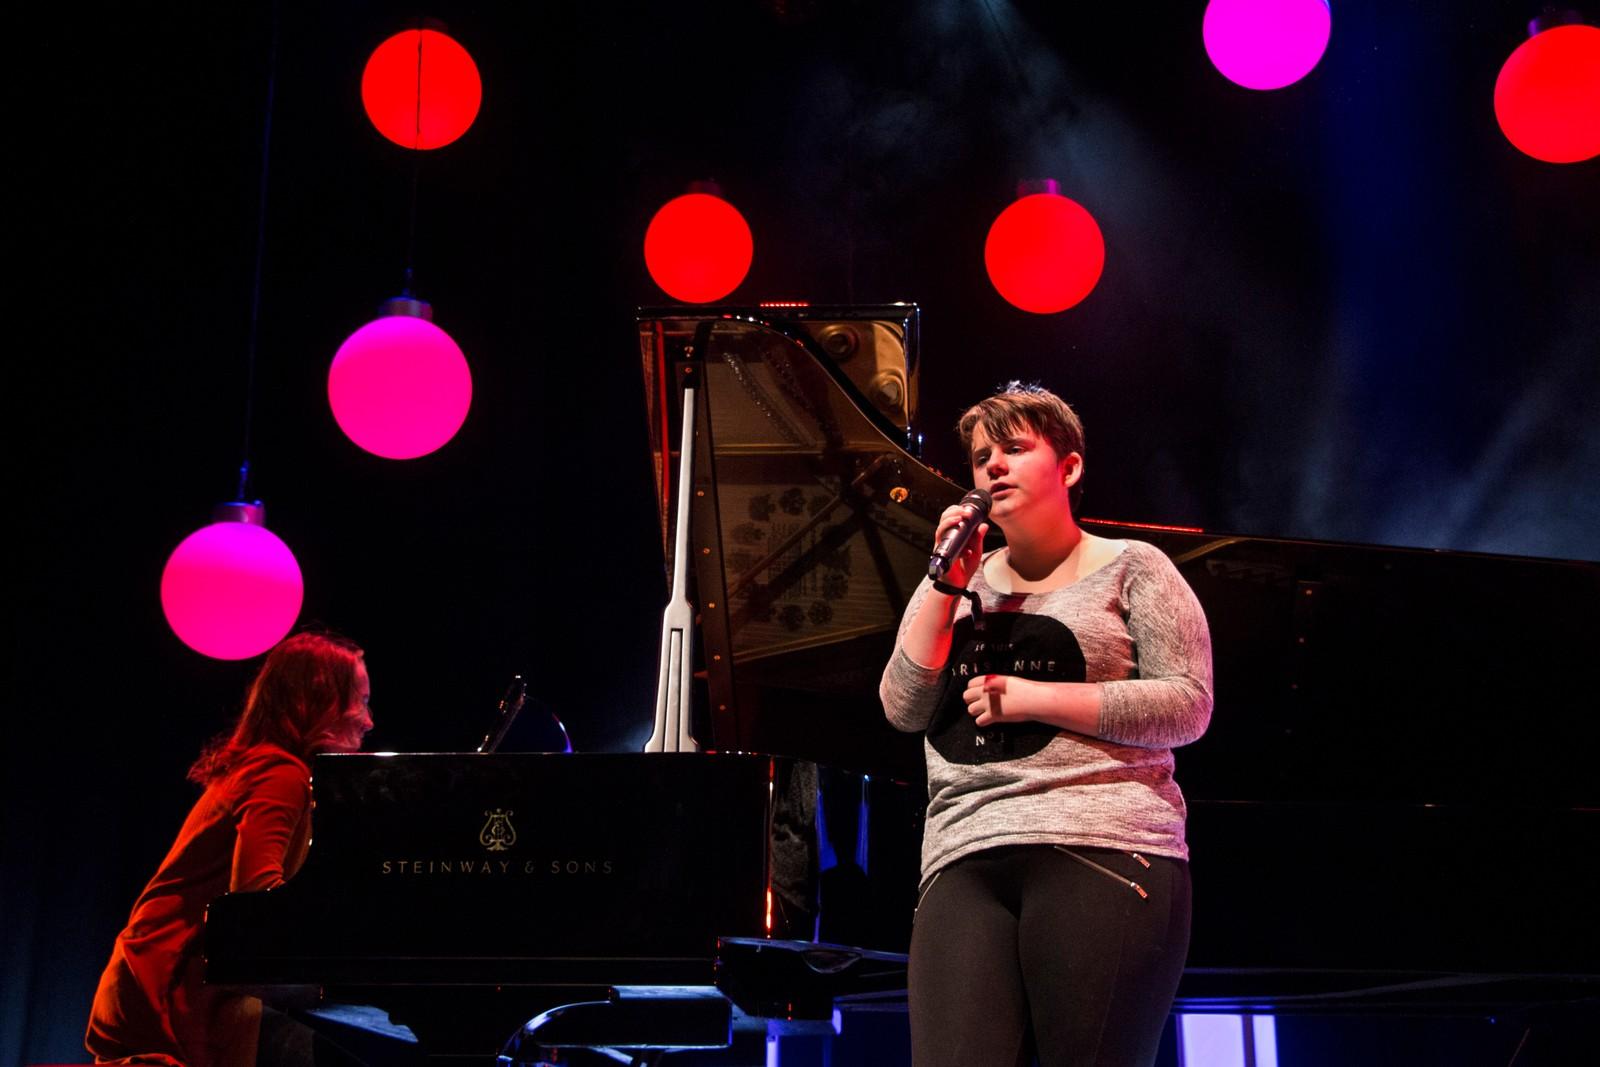 LÆRDAL: Frøya Pixie Williams og Synne Bentås - You are the moon